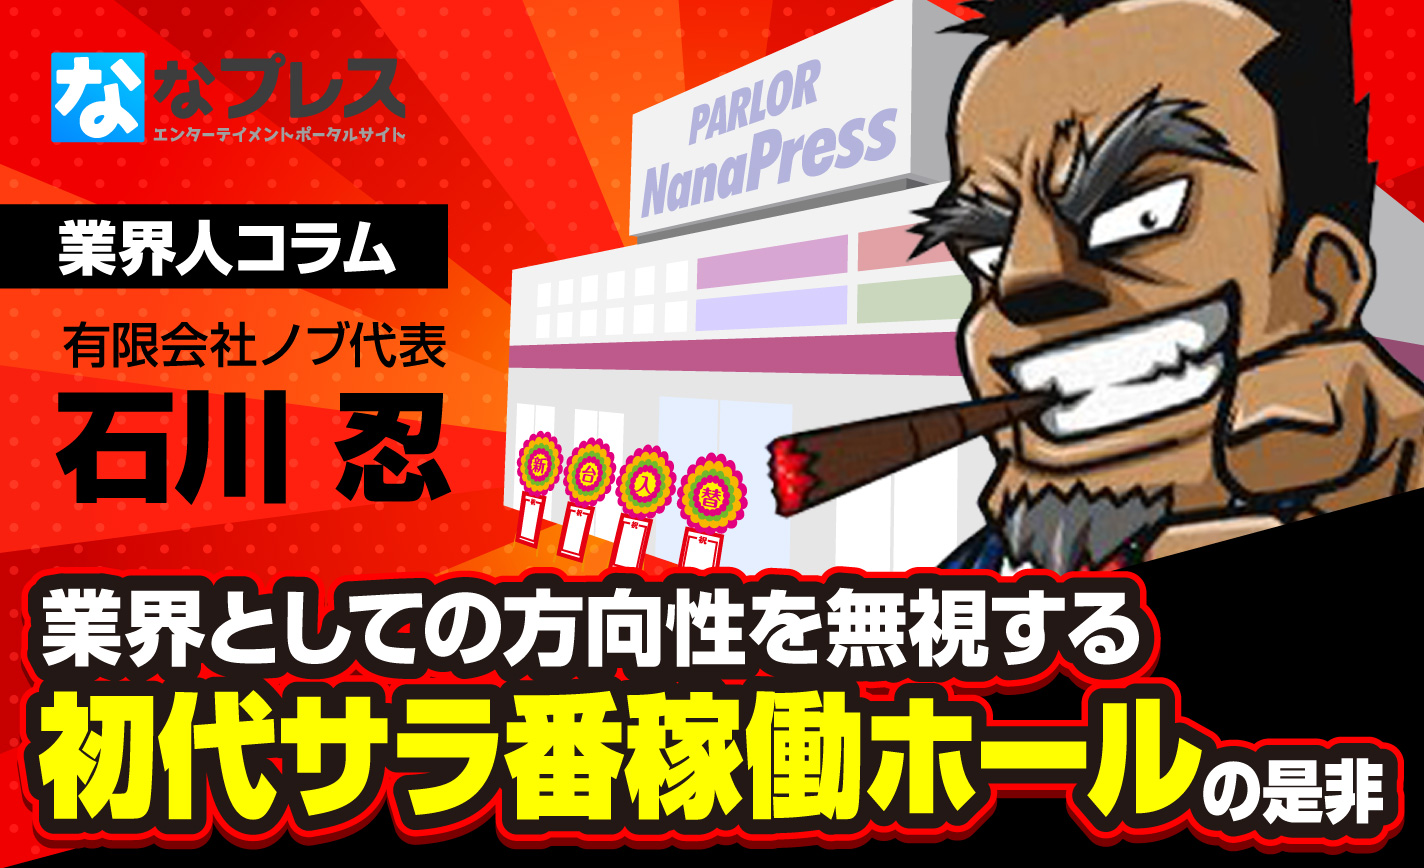 石川忍が問う!まだサラ番を稼働させているホールはユーザーとして行く価値のあるホールなのか!? eyecatch-image